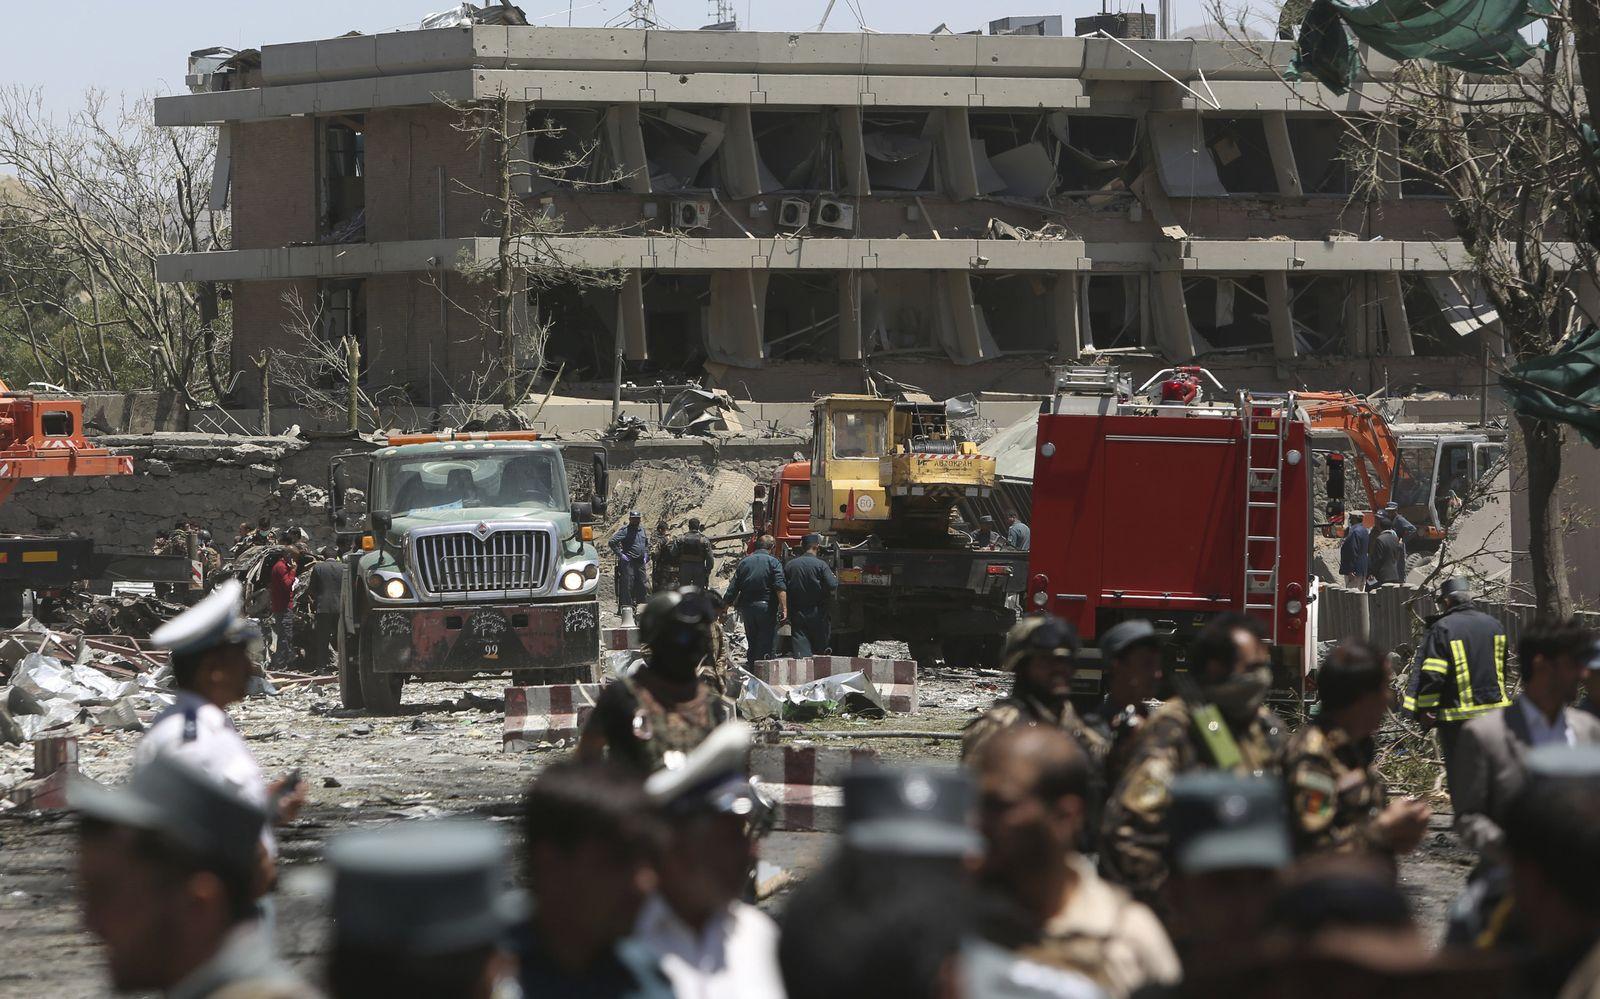 Autobombenanschlag / Kabul / deutsche botschaft